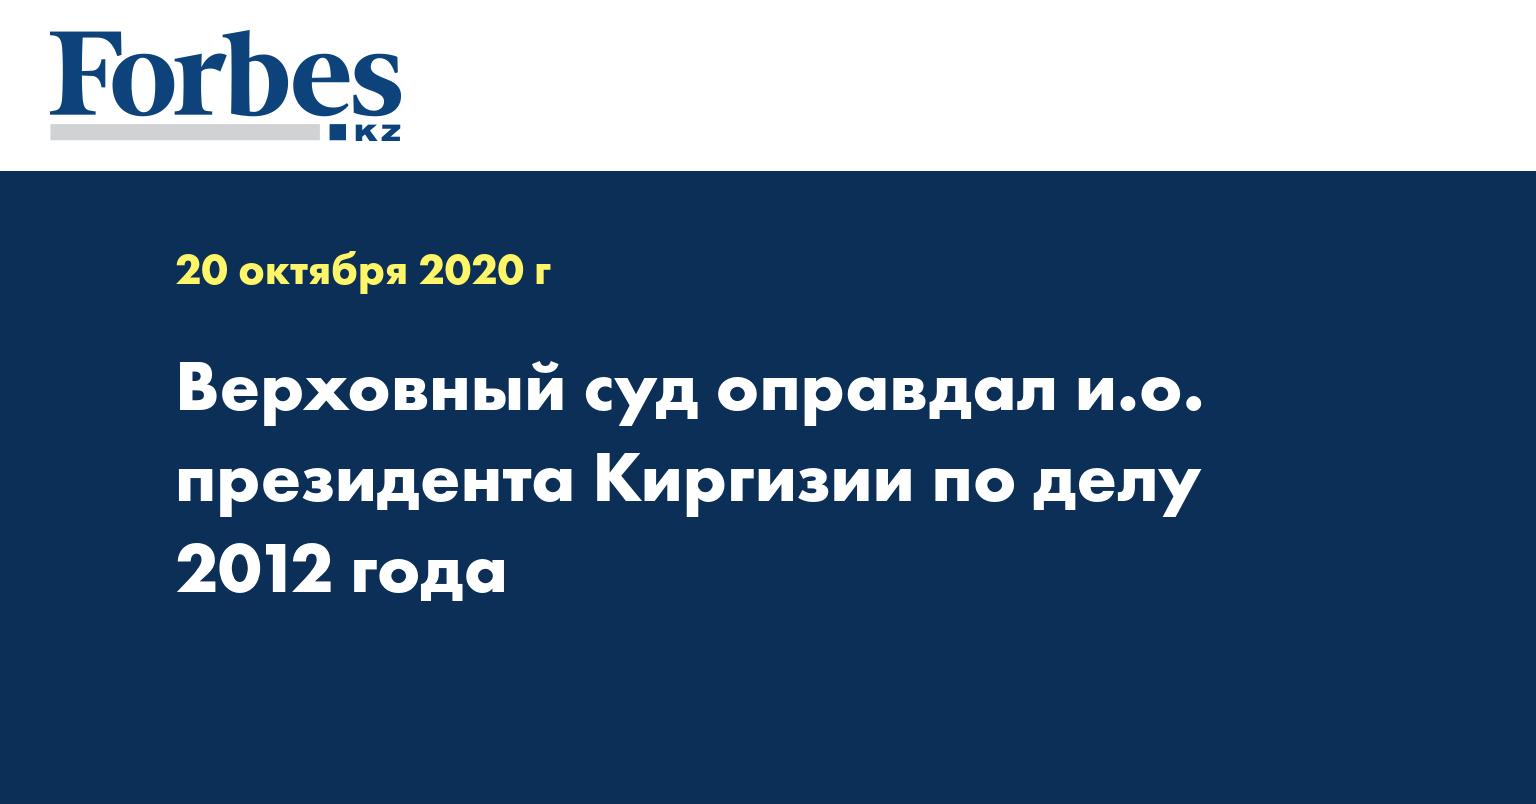 Верховный суд оправдал и.о. президента Кыргызстана по делу 2012 года